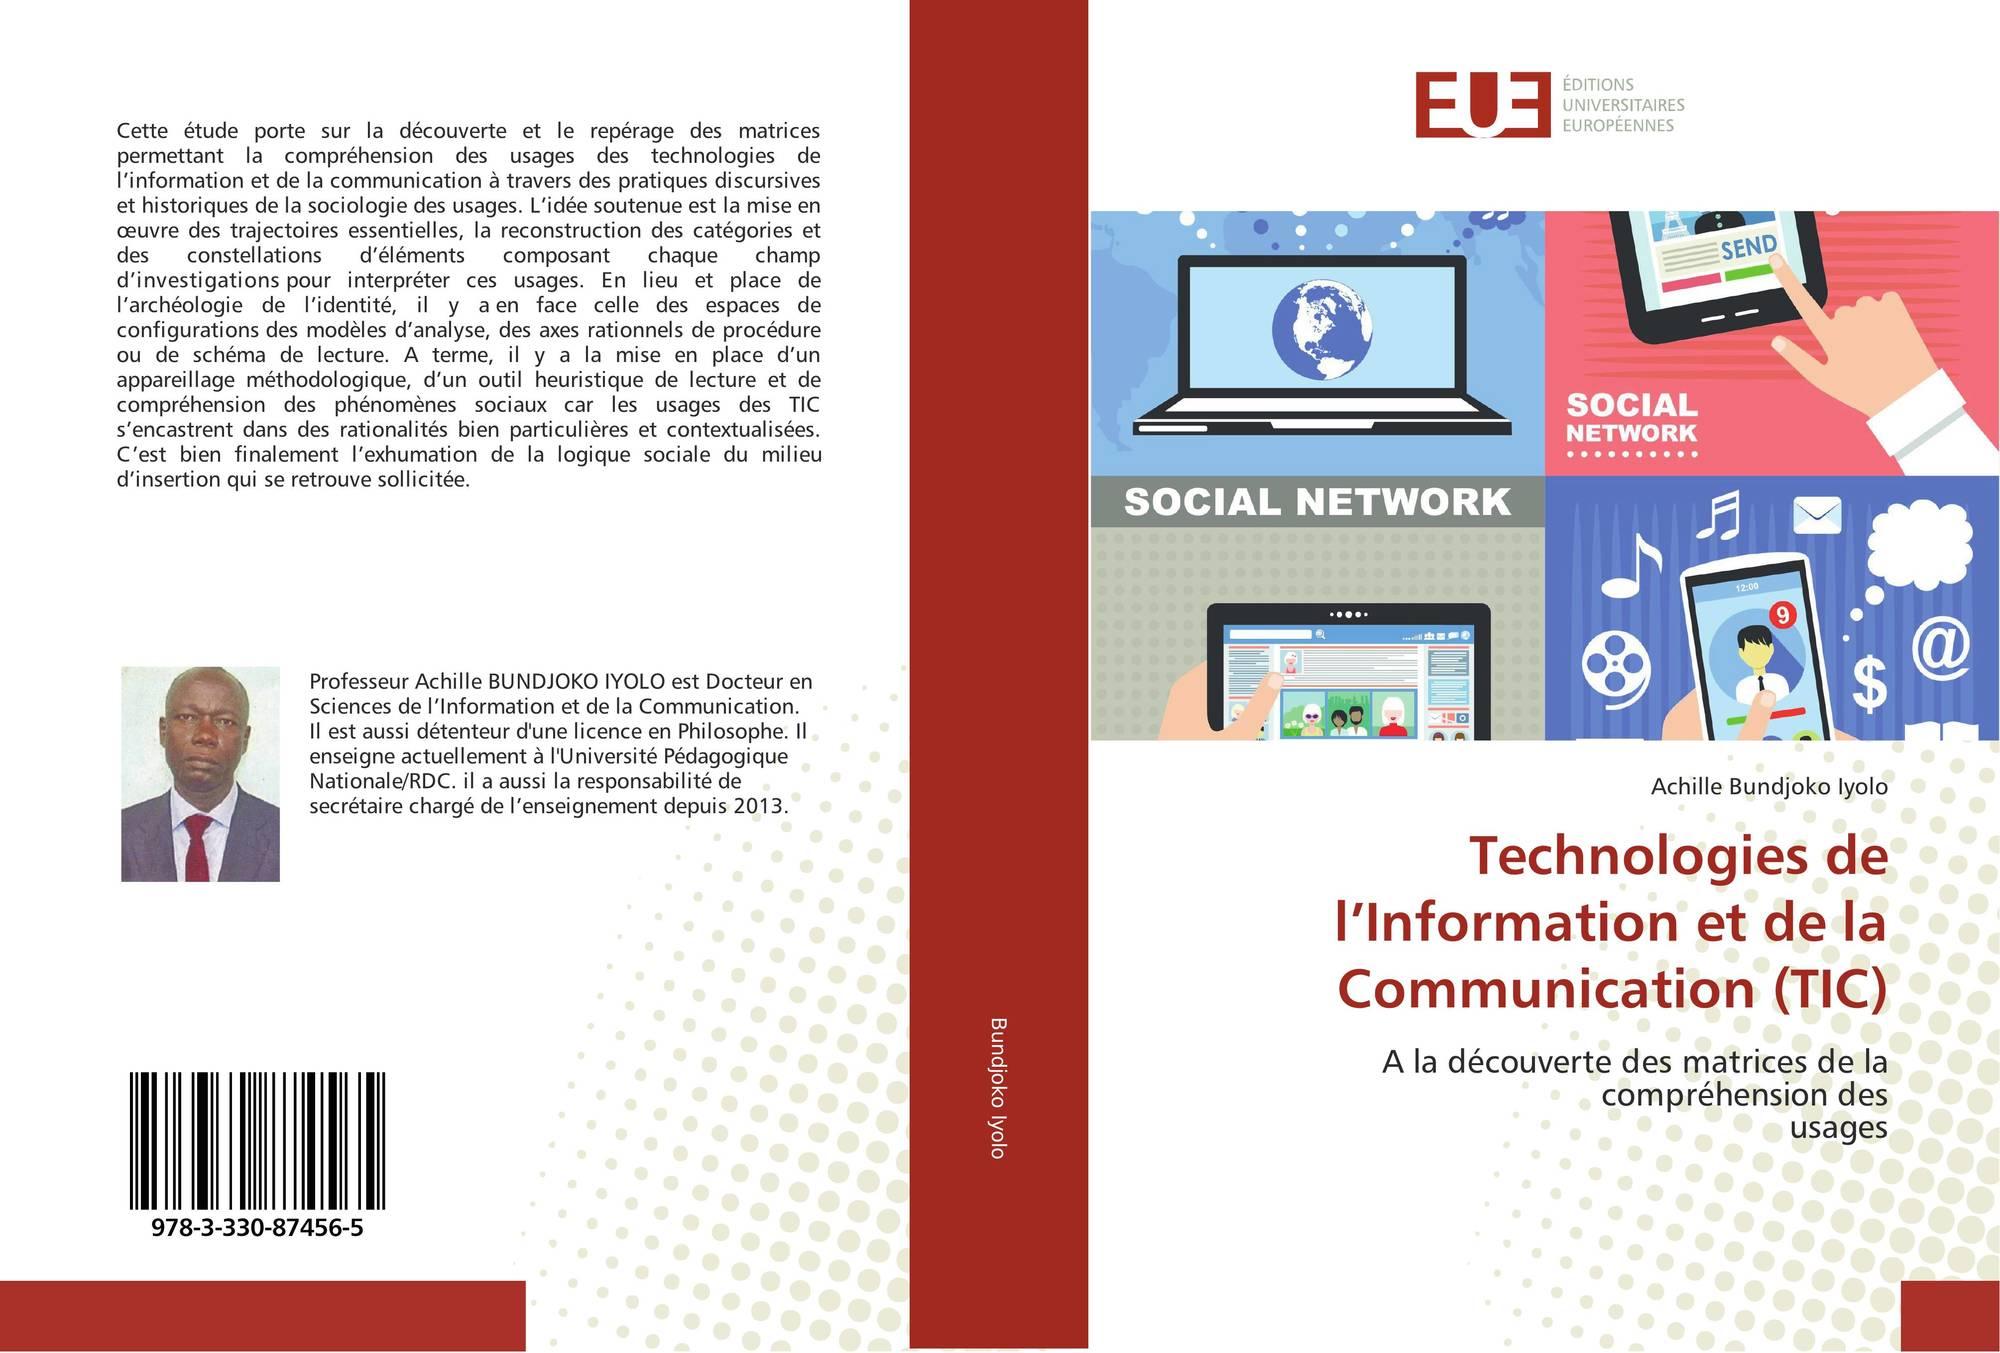 technologies de linformation et de la communication - HD2000×1351